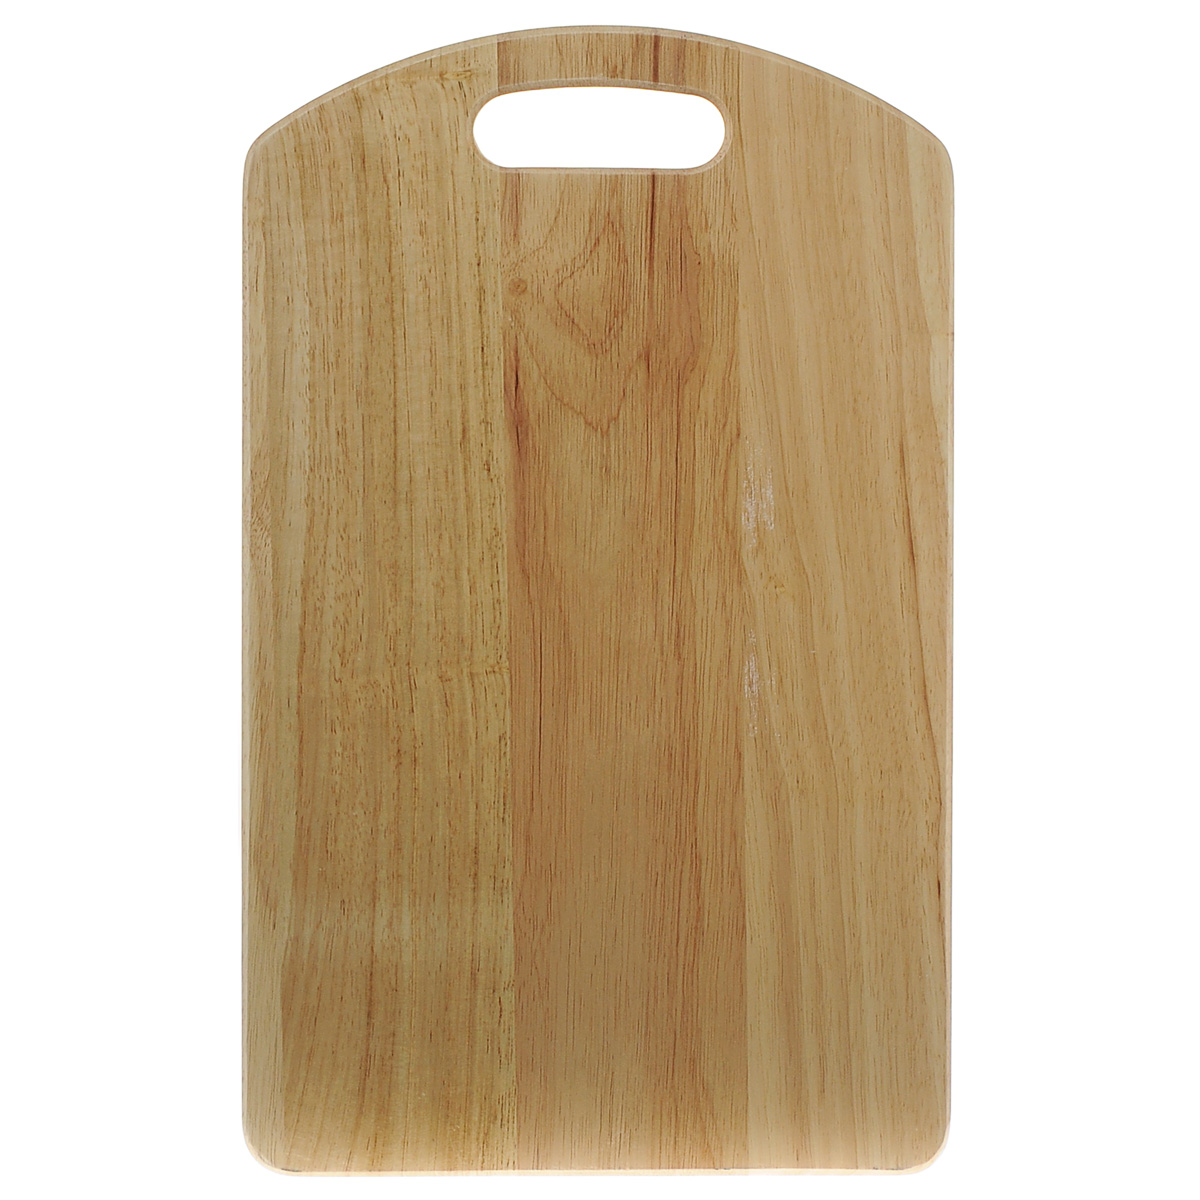 """Разделочная доска """"Green Way"""" изготовлена из натурального дерева. Прекрасно подходит для приготовления и сервировки пищи. Всем известно, что на кухне без разделочной доски не обойтись. Ведь во время приготовления пищи мы то и дело что-то режем. Поэтому разделочная доска должна быть изготовлена из прочного и экологически чистого материала, ведь с ней соприкасается наша пища. Доска оснащена специальным отверстием для подвешивания в любом удобном месте.Функциональная и простая в использовании, разделочная доска """"Green Way"""" прекрасно впишется в интерьер любой кухни и прослужит вам долгие годы.Нельзя мыть в посудомоечной машине."""